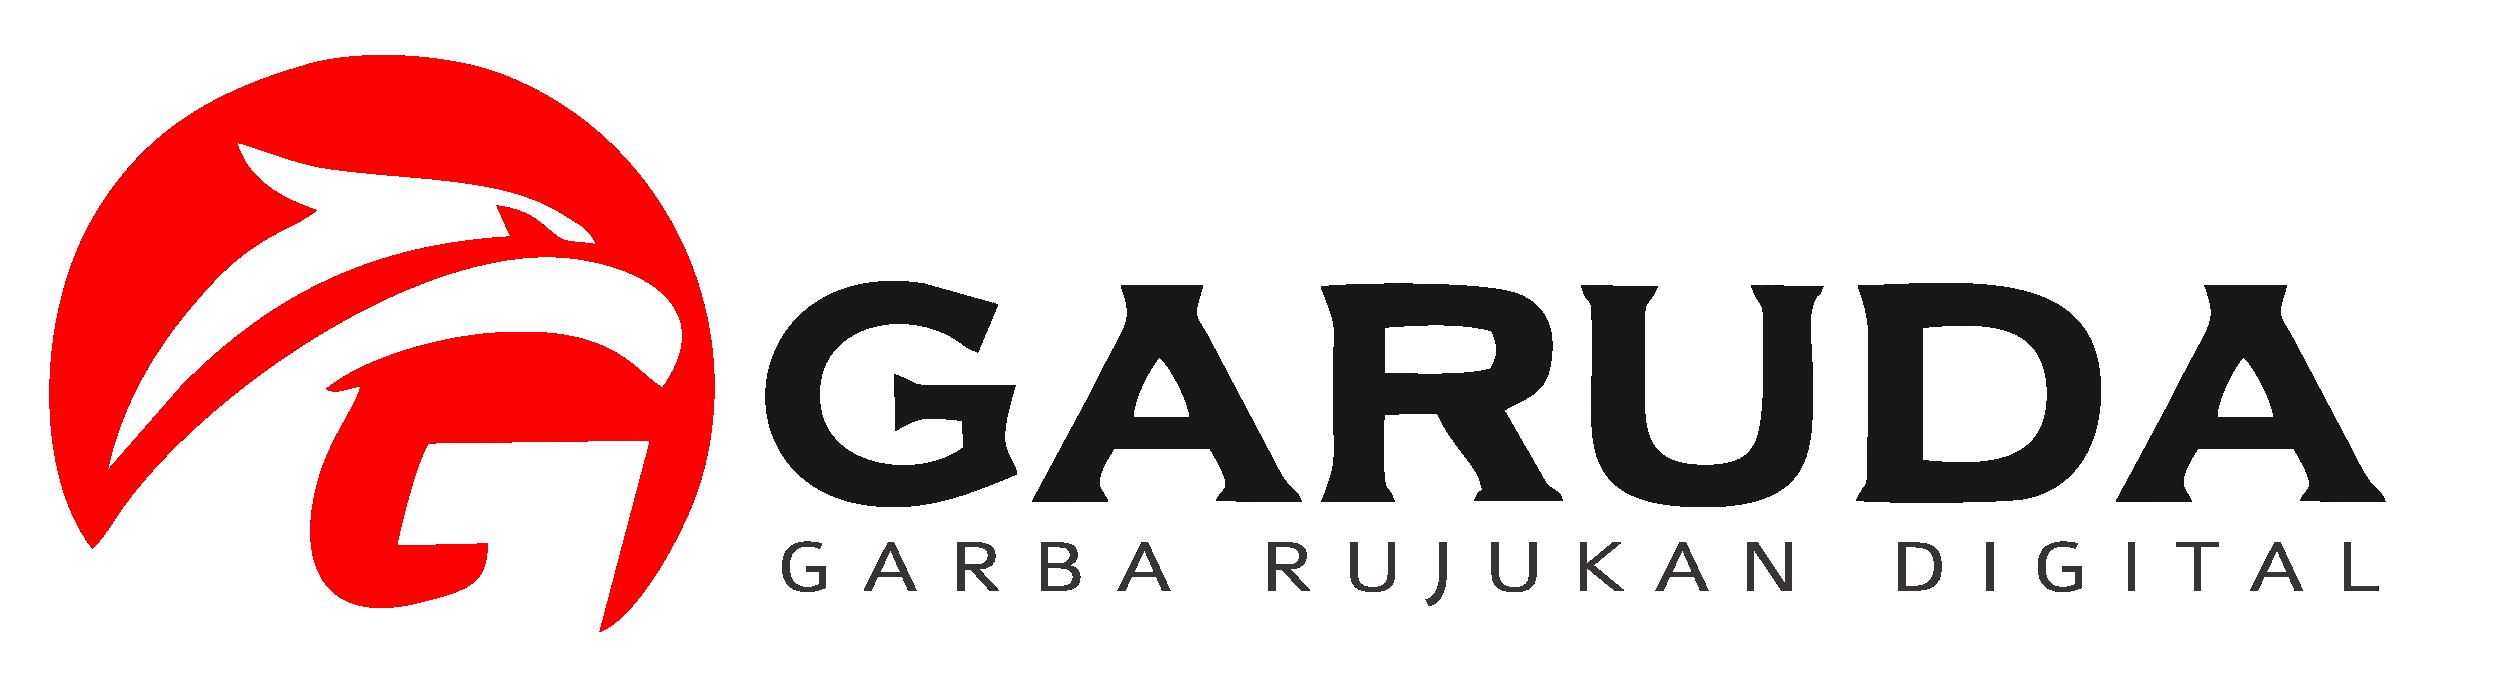 Image result for logo garba rujukan digital png